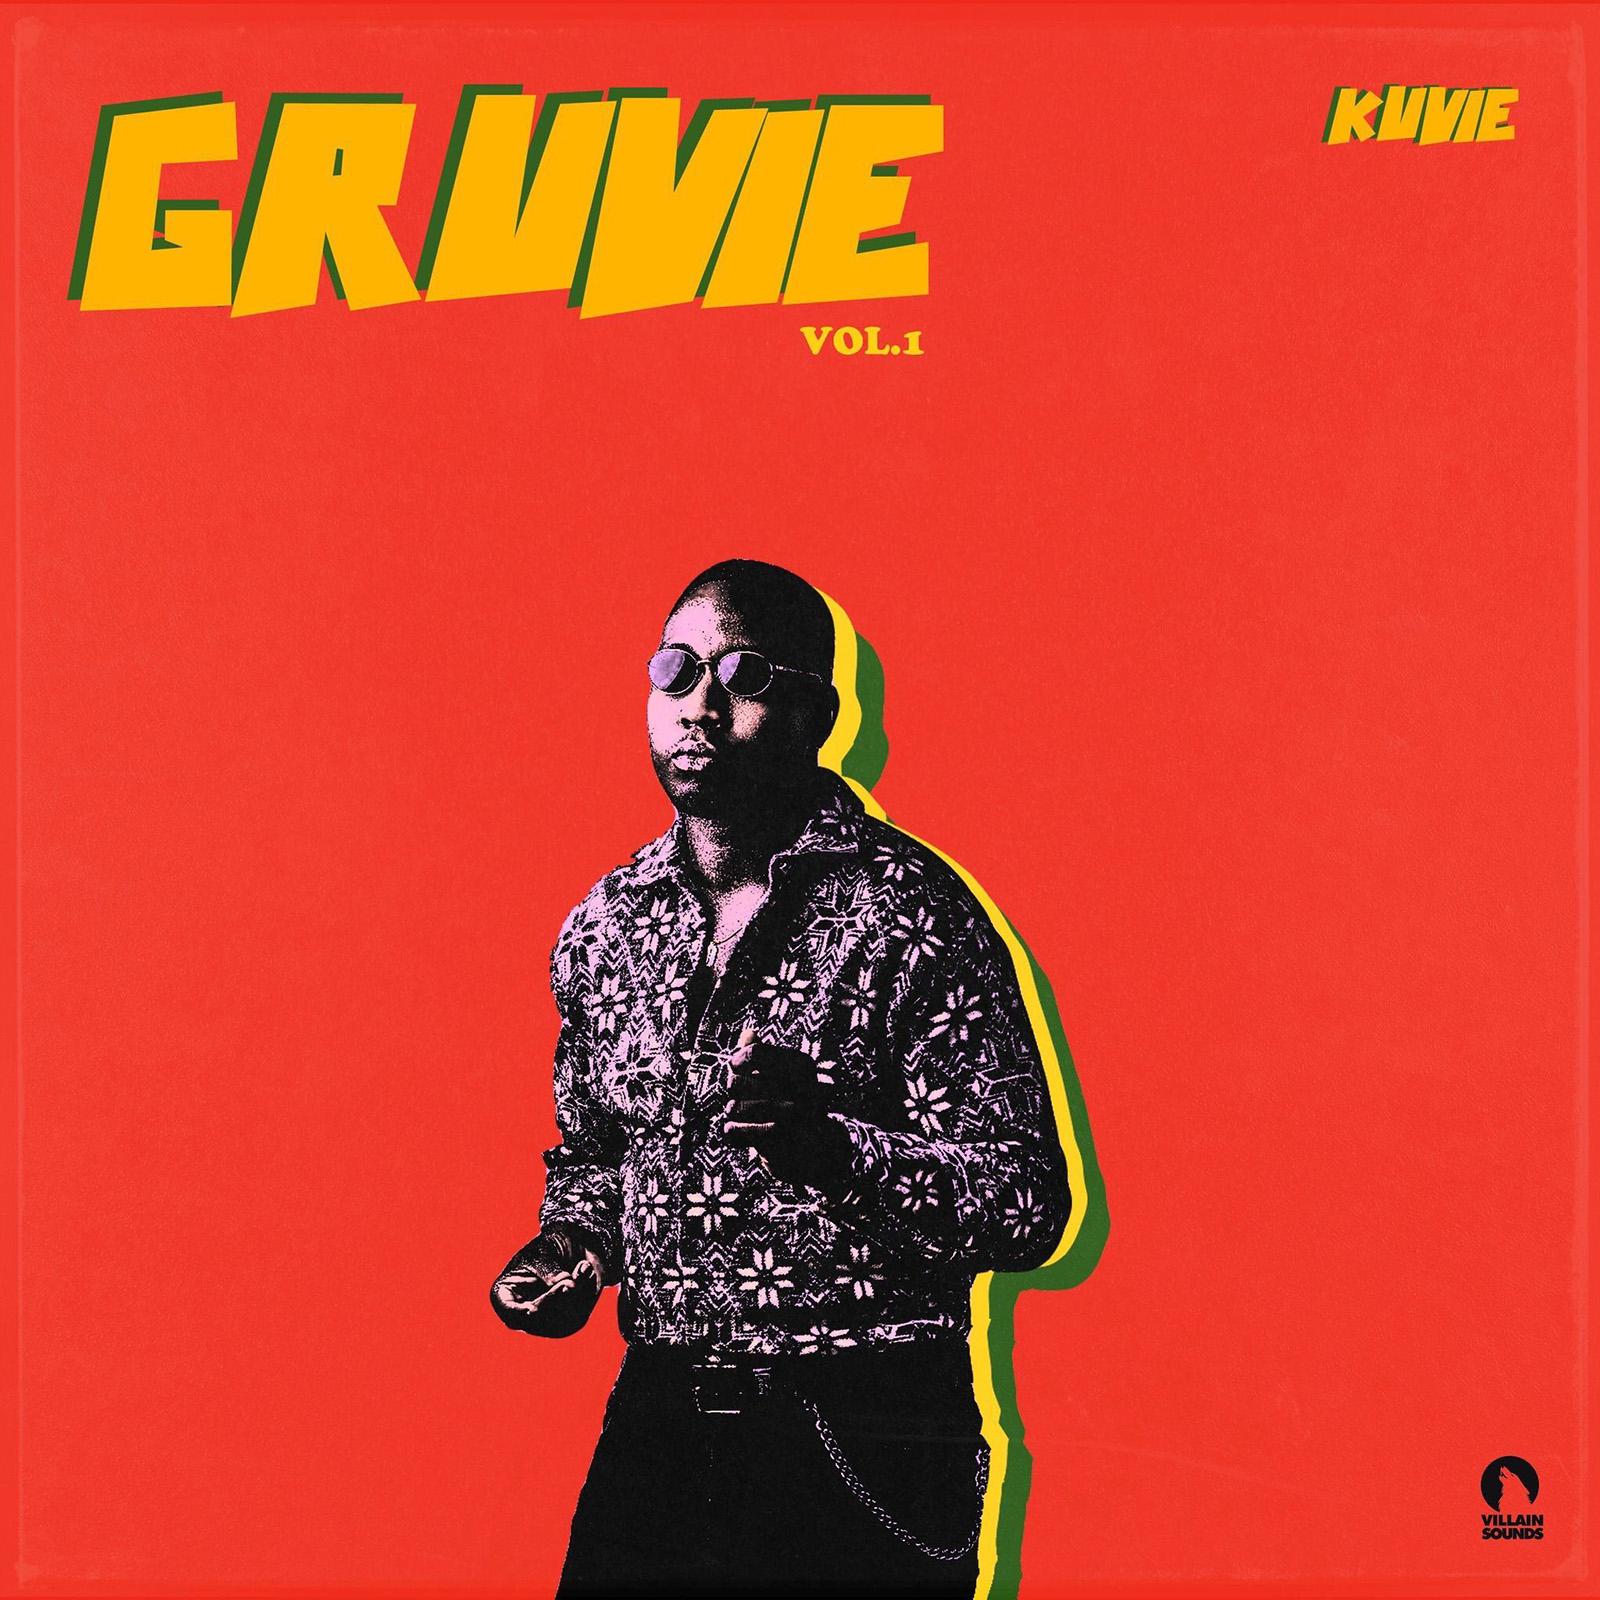 Gruvie Vol.1 by Kuvie